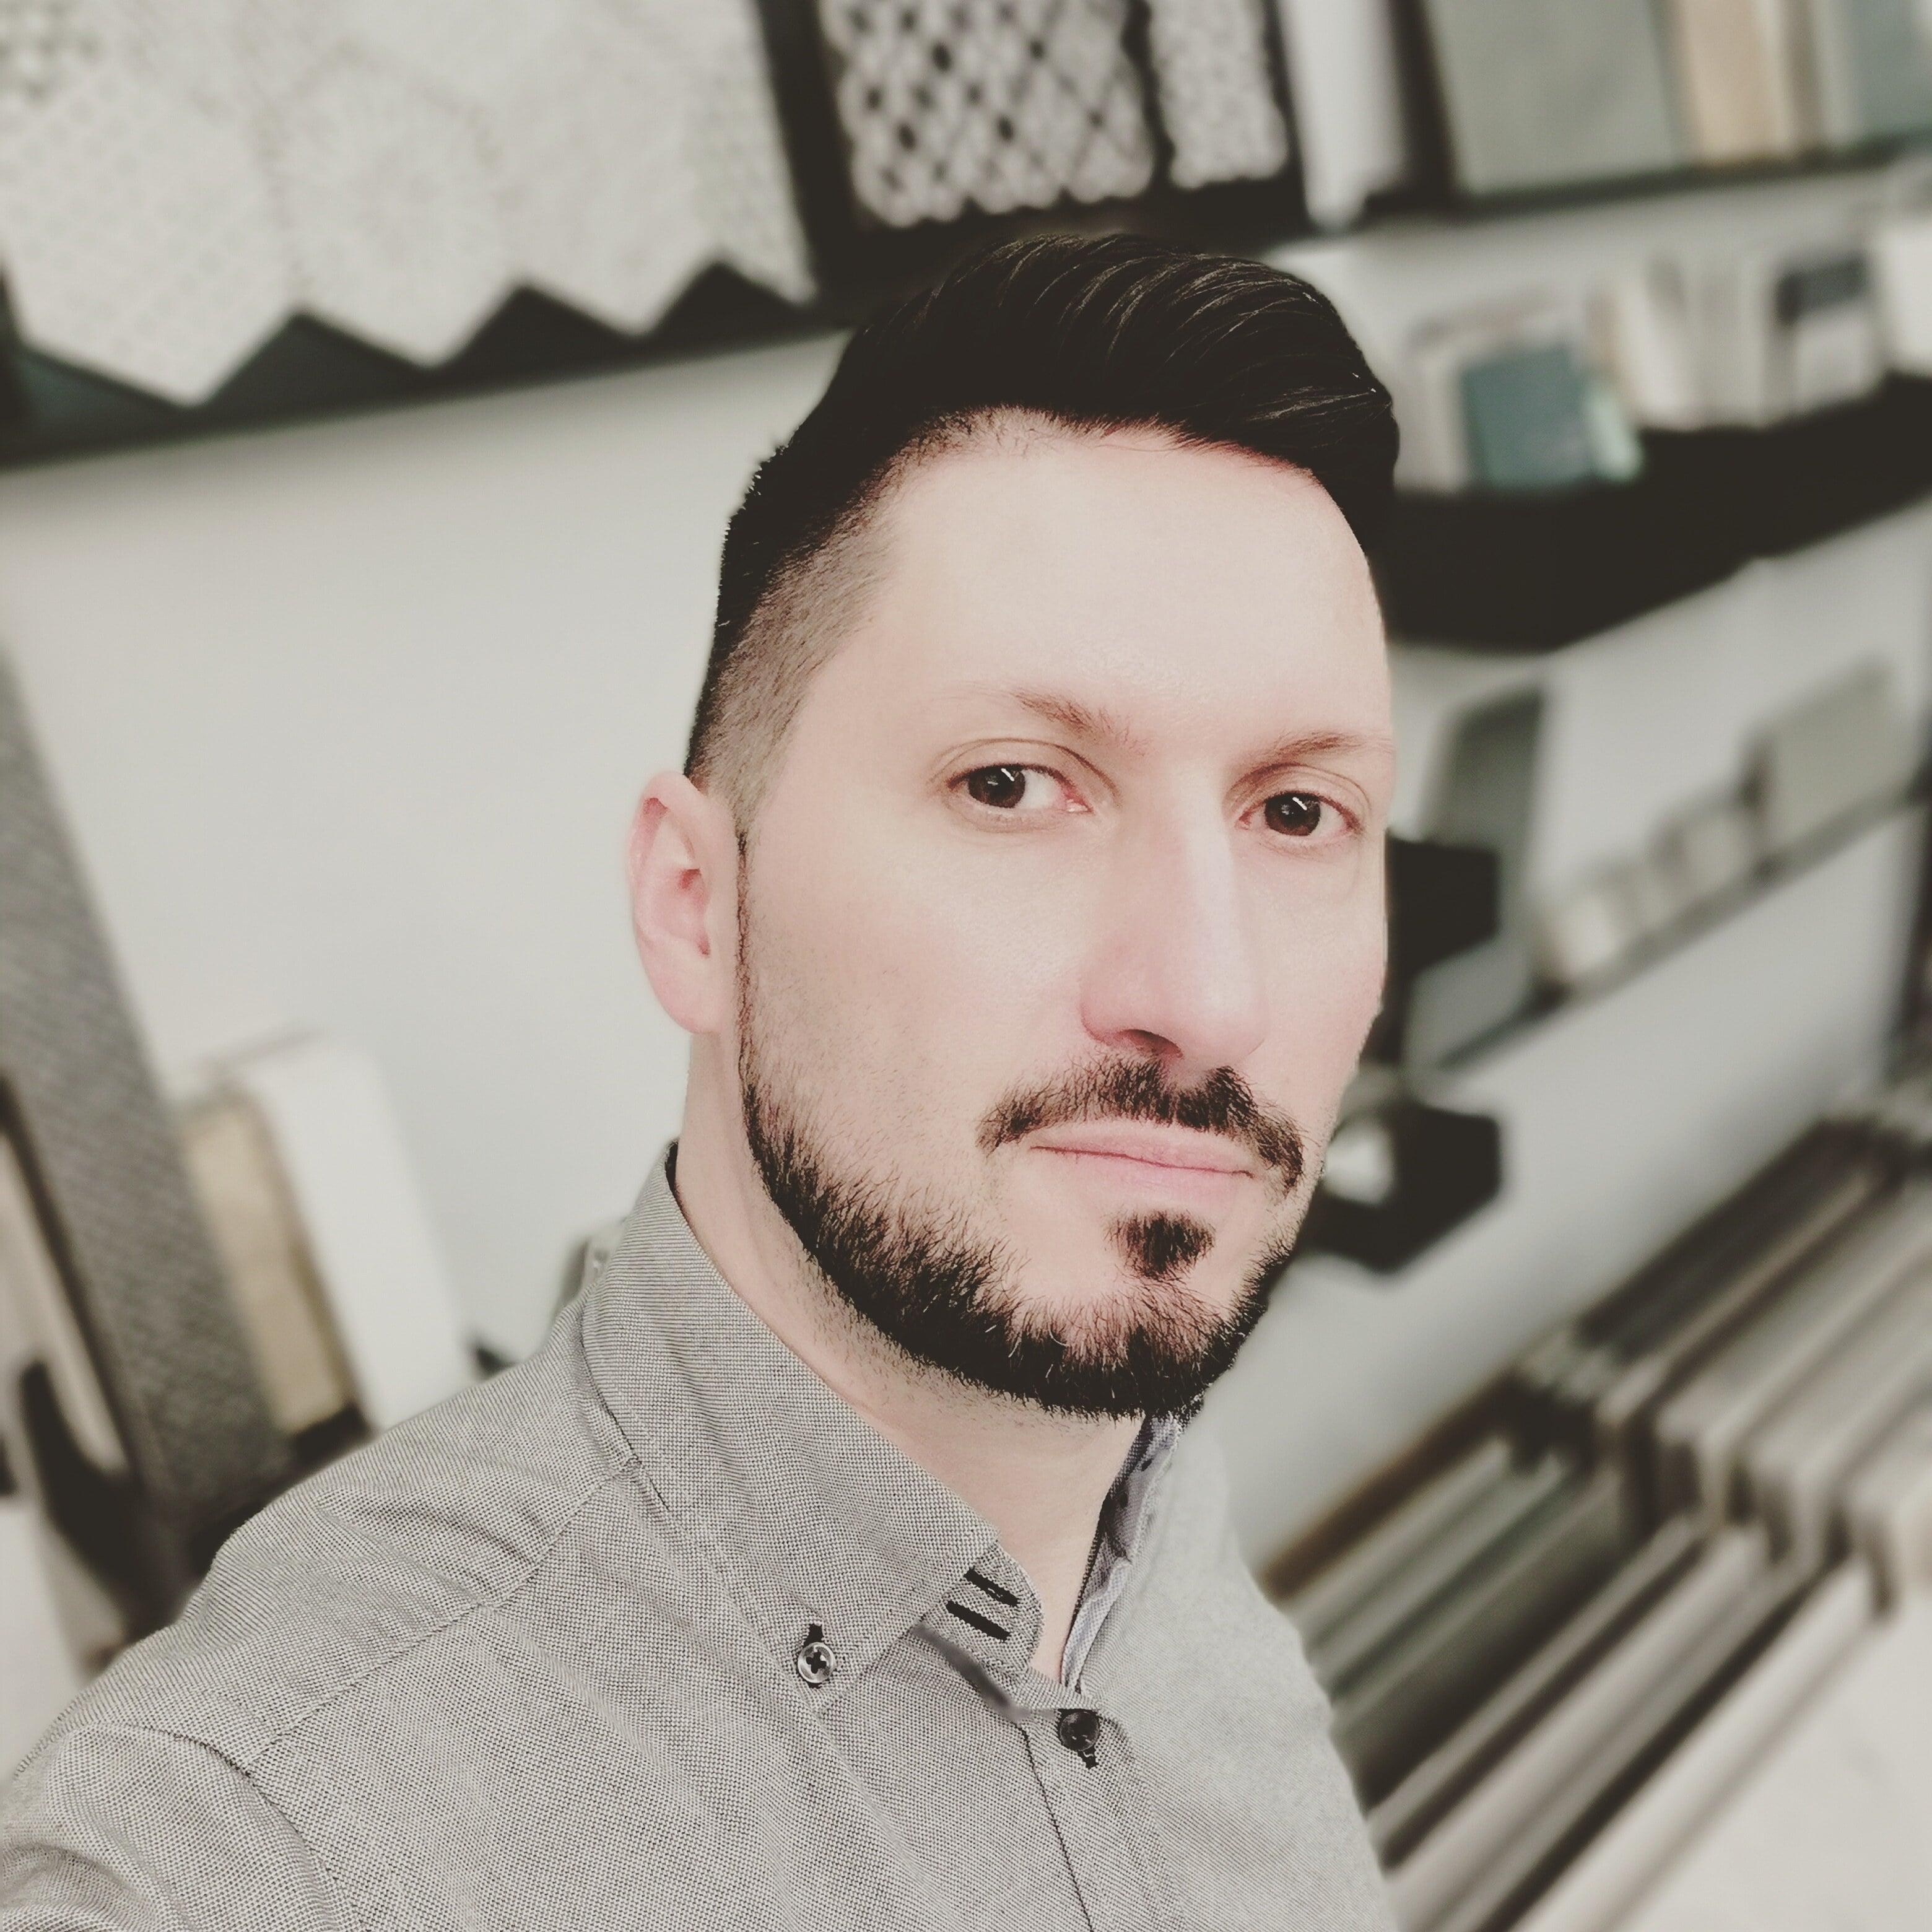 Progetattazione interni: il ruolo dell'interior designer - Stefano - Interior Designer di Bologna